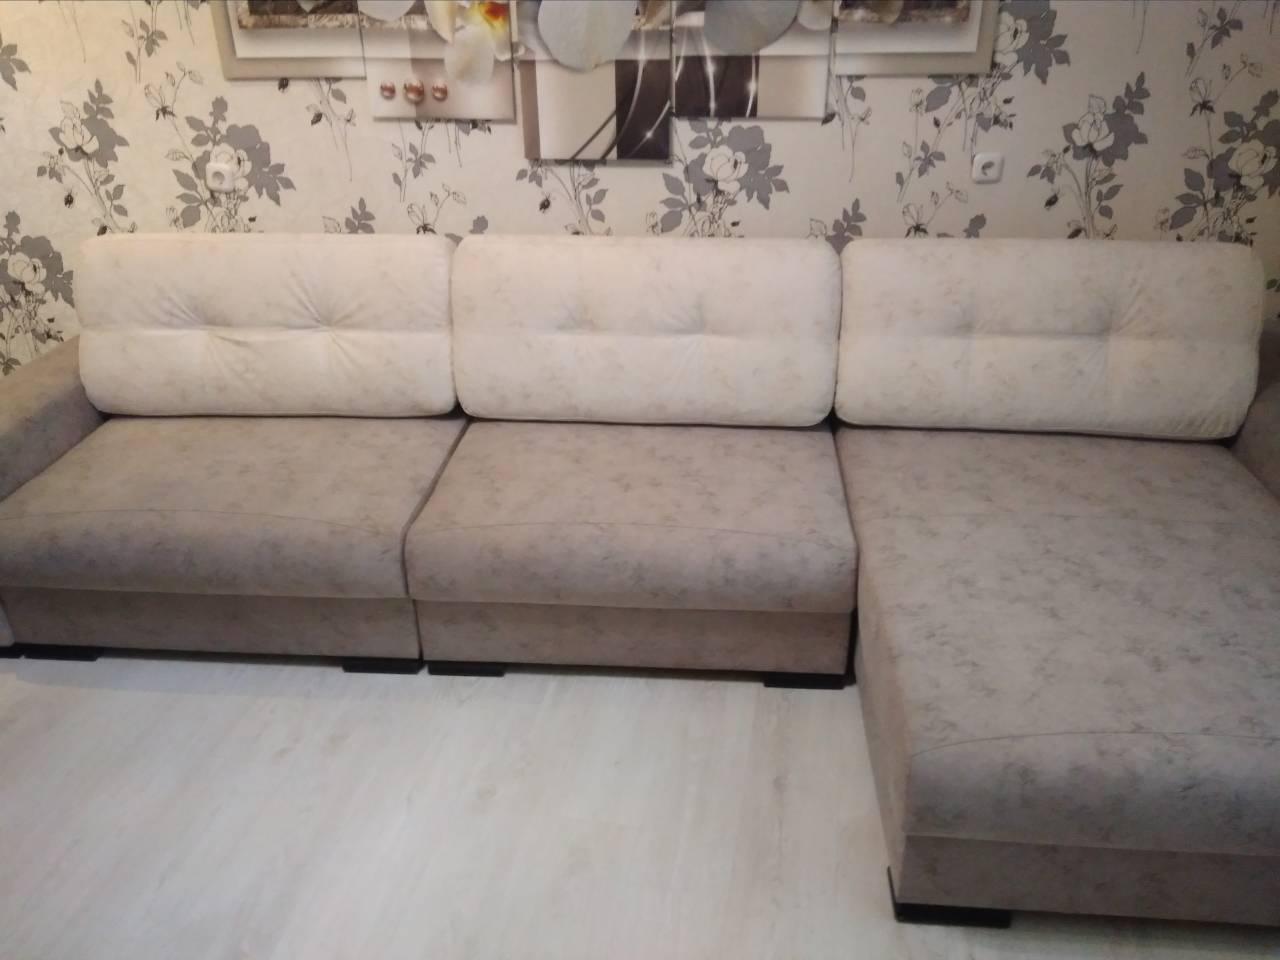 furniture10